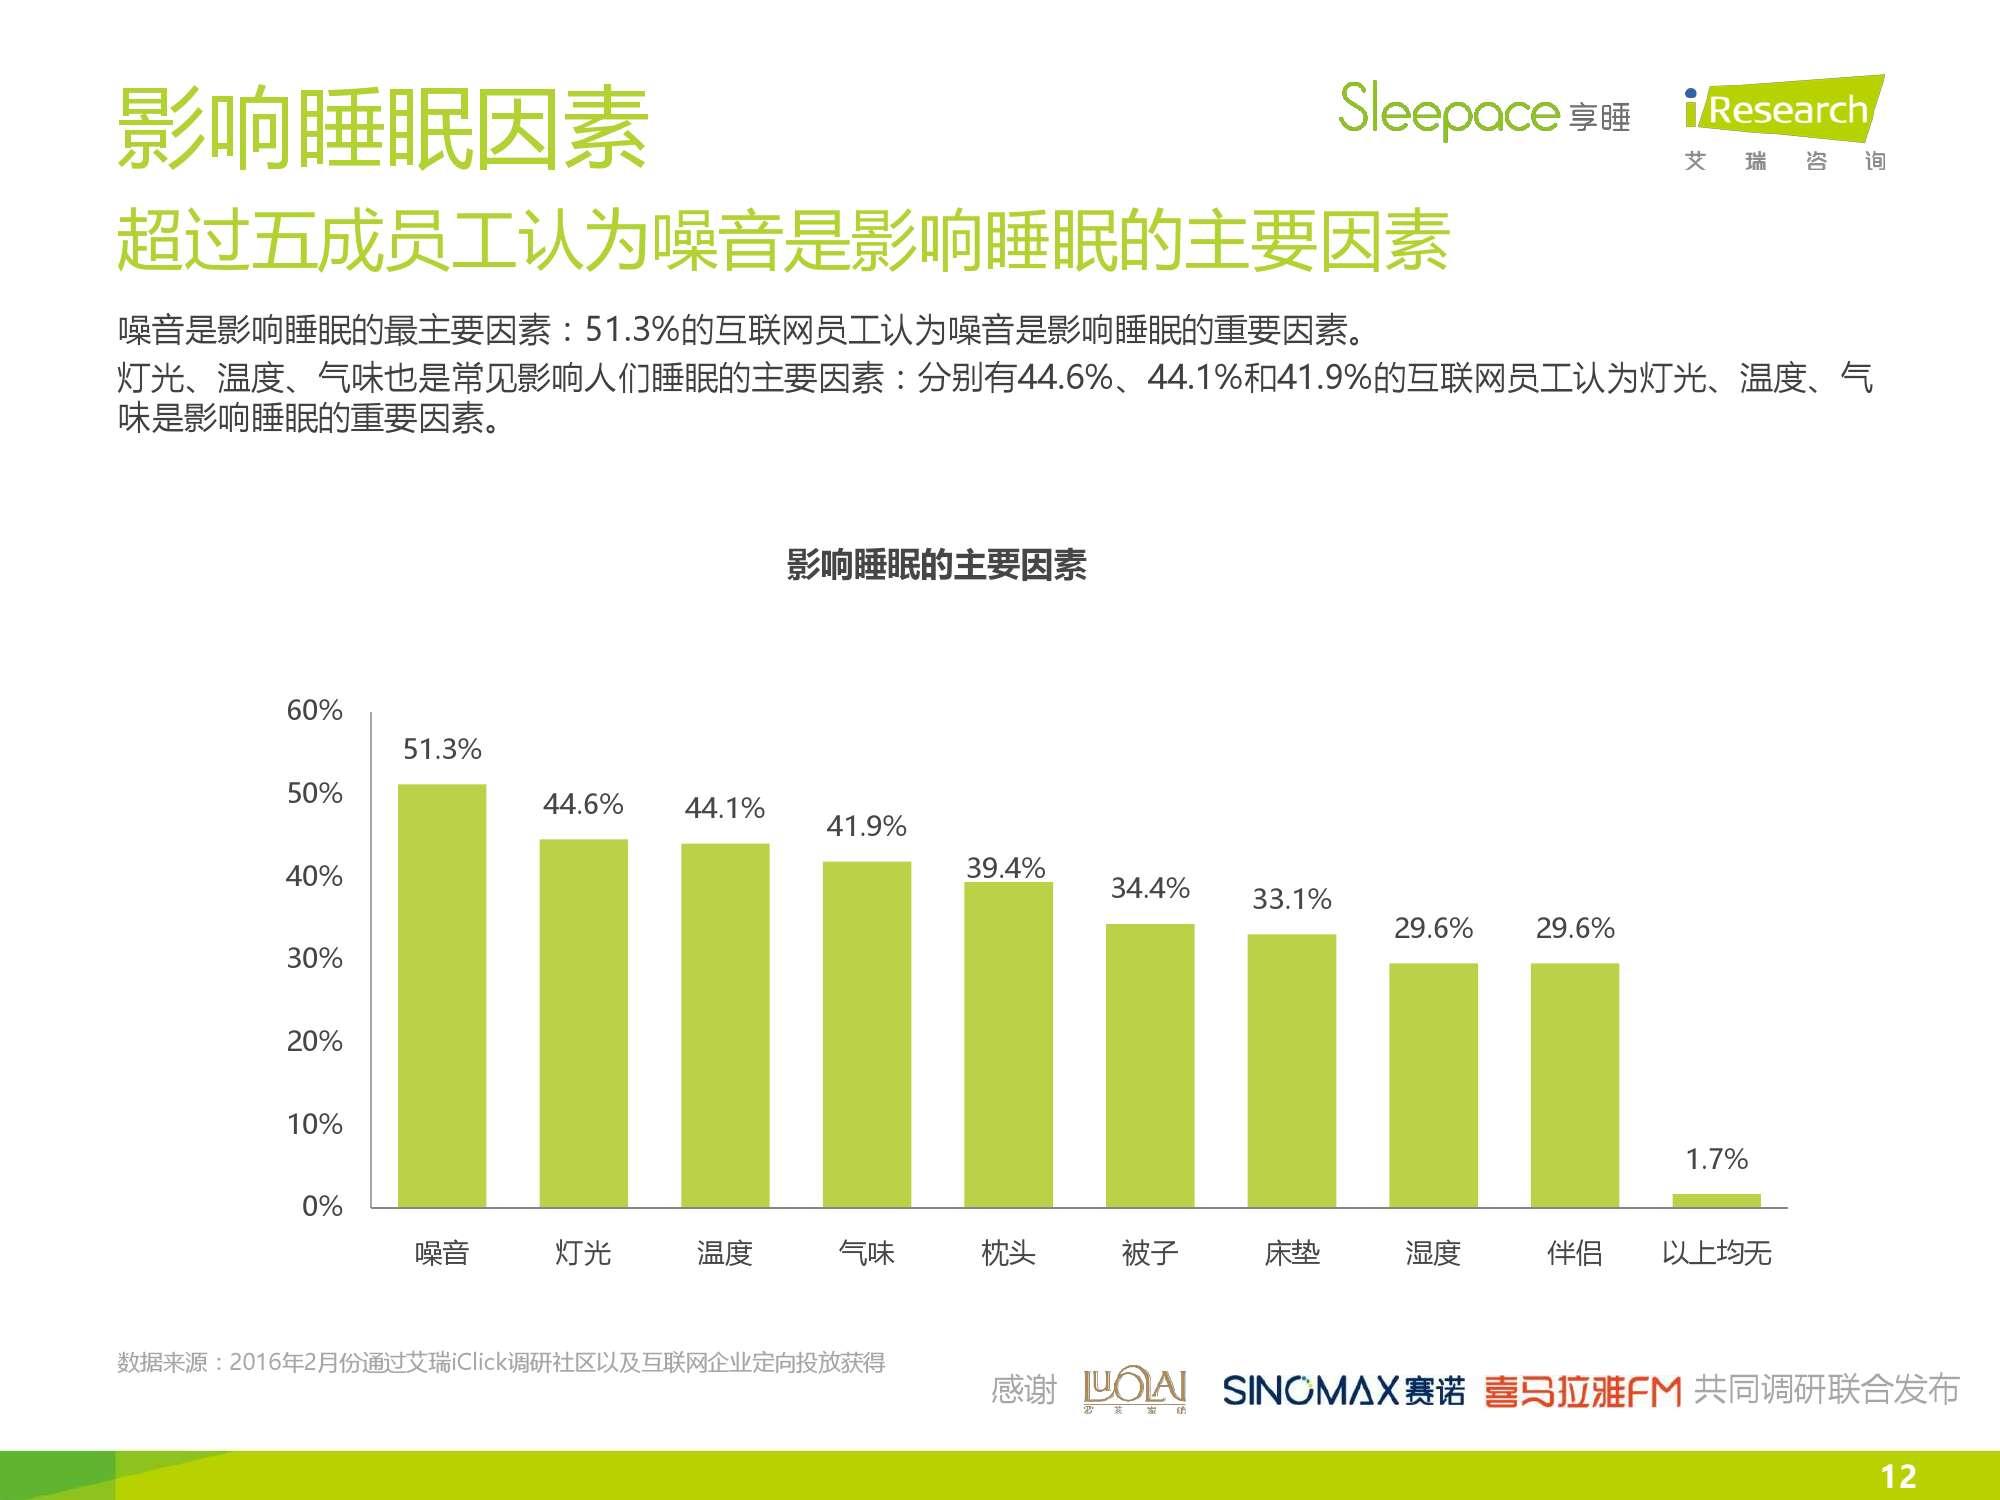 2016年中国互联网企业员工睡眠报告